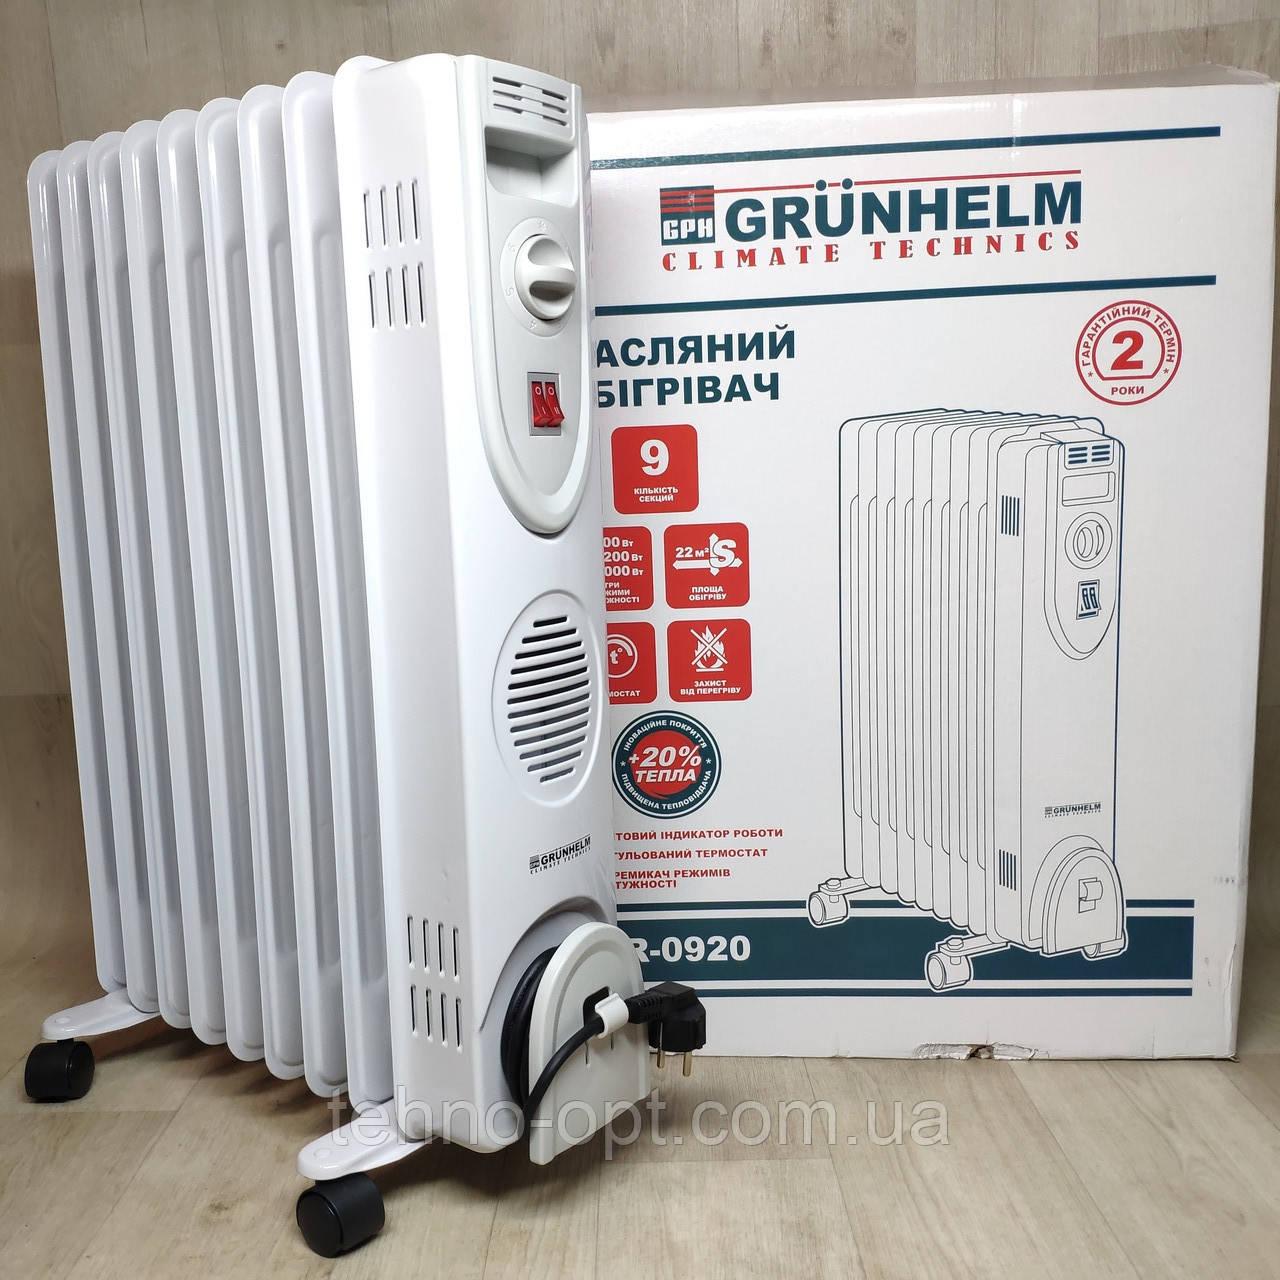 Напольный масляный обогреватель Grunhelm GR-0920 ( 9 секций